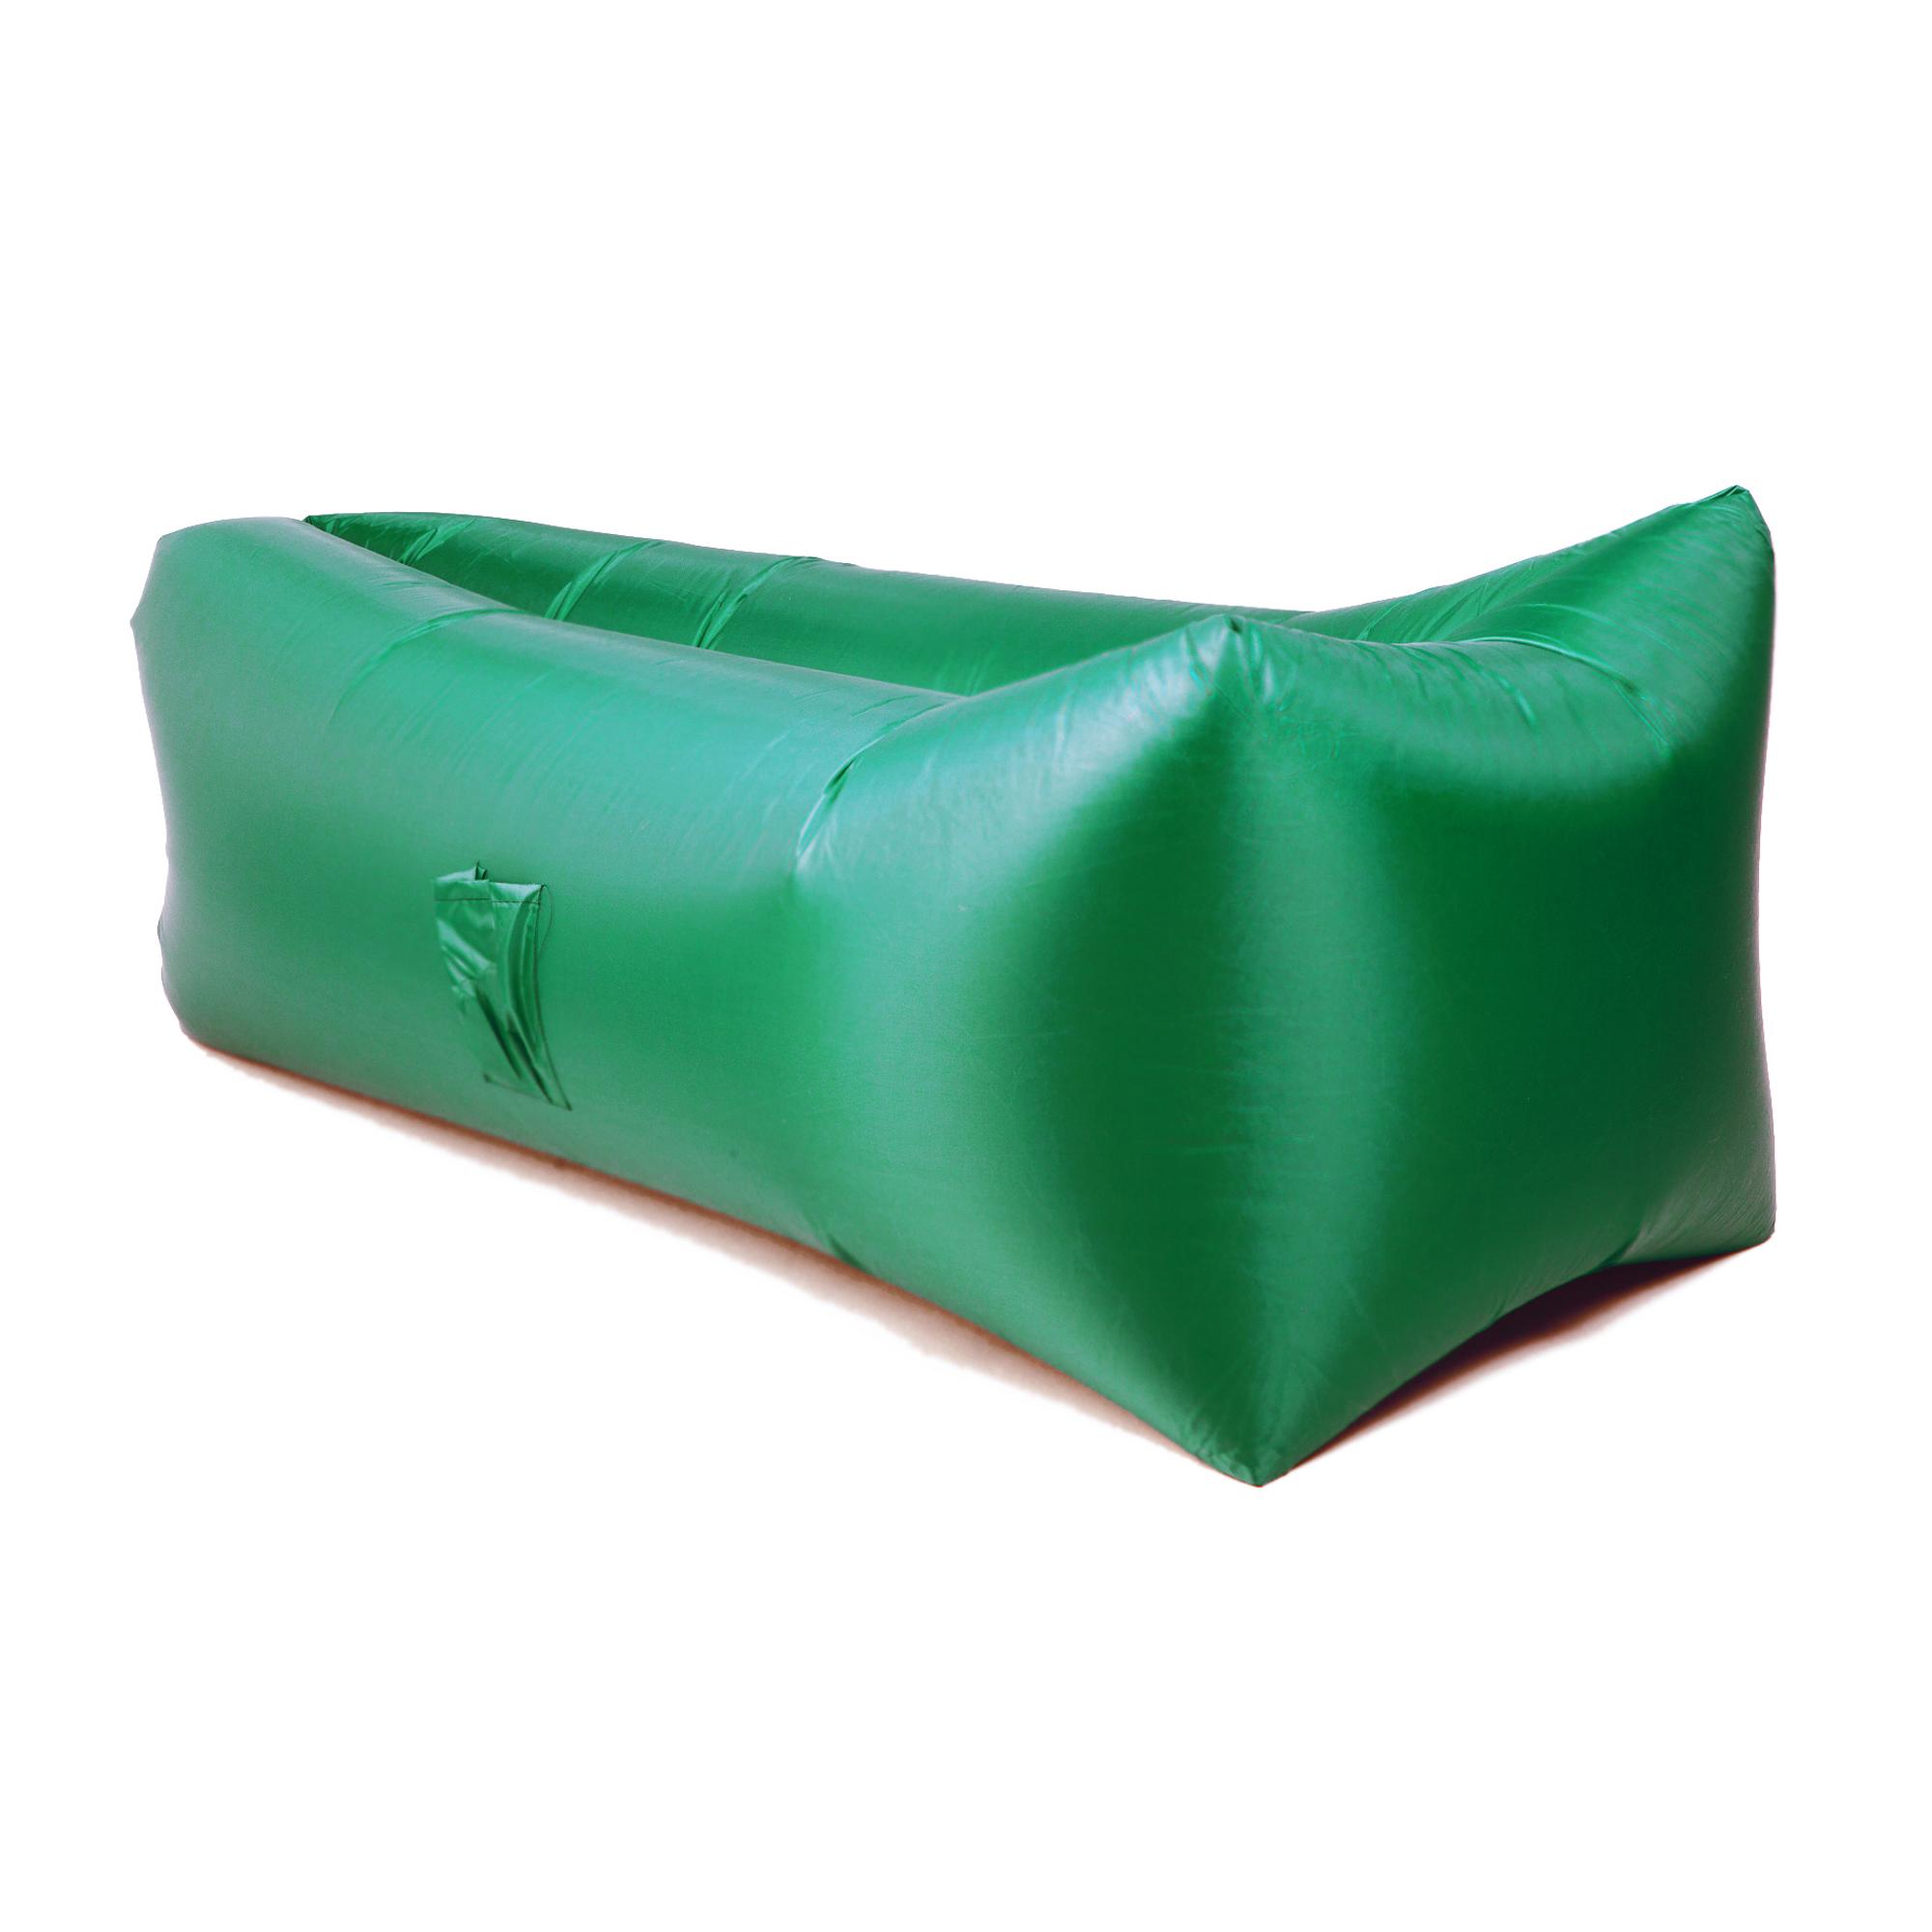 Надувной лежак Aerodivan зеленый (НЛ102)